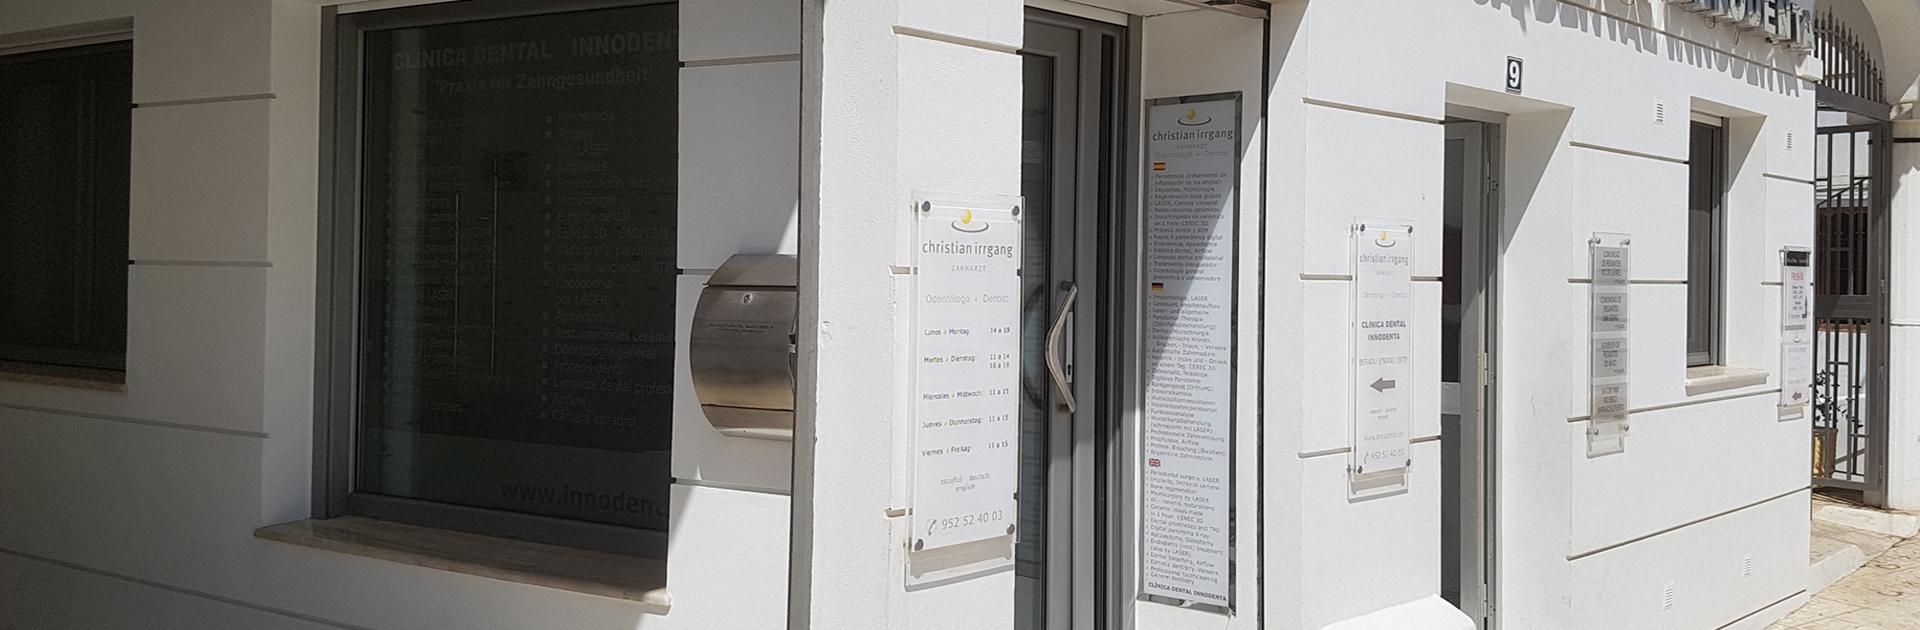 Öffnungszeiten - Sprechzeiten Clinica Dental Innodenta